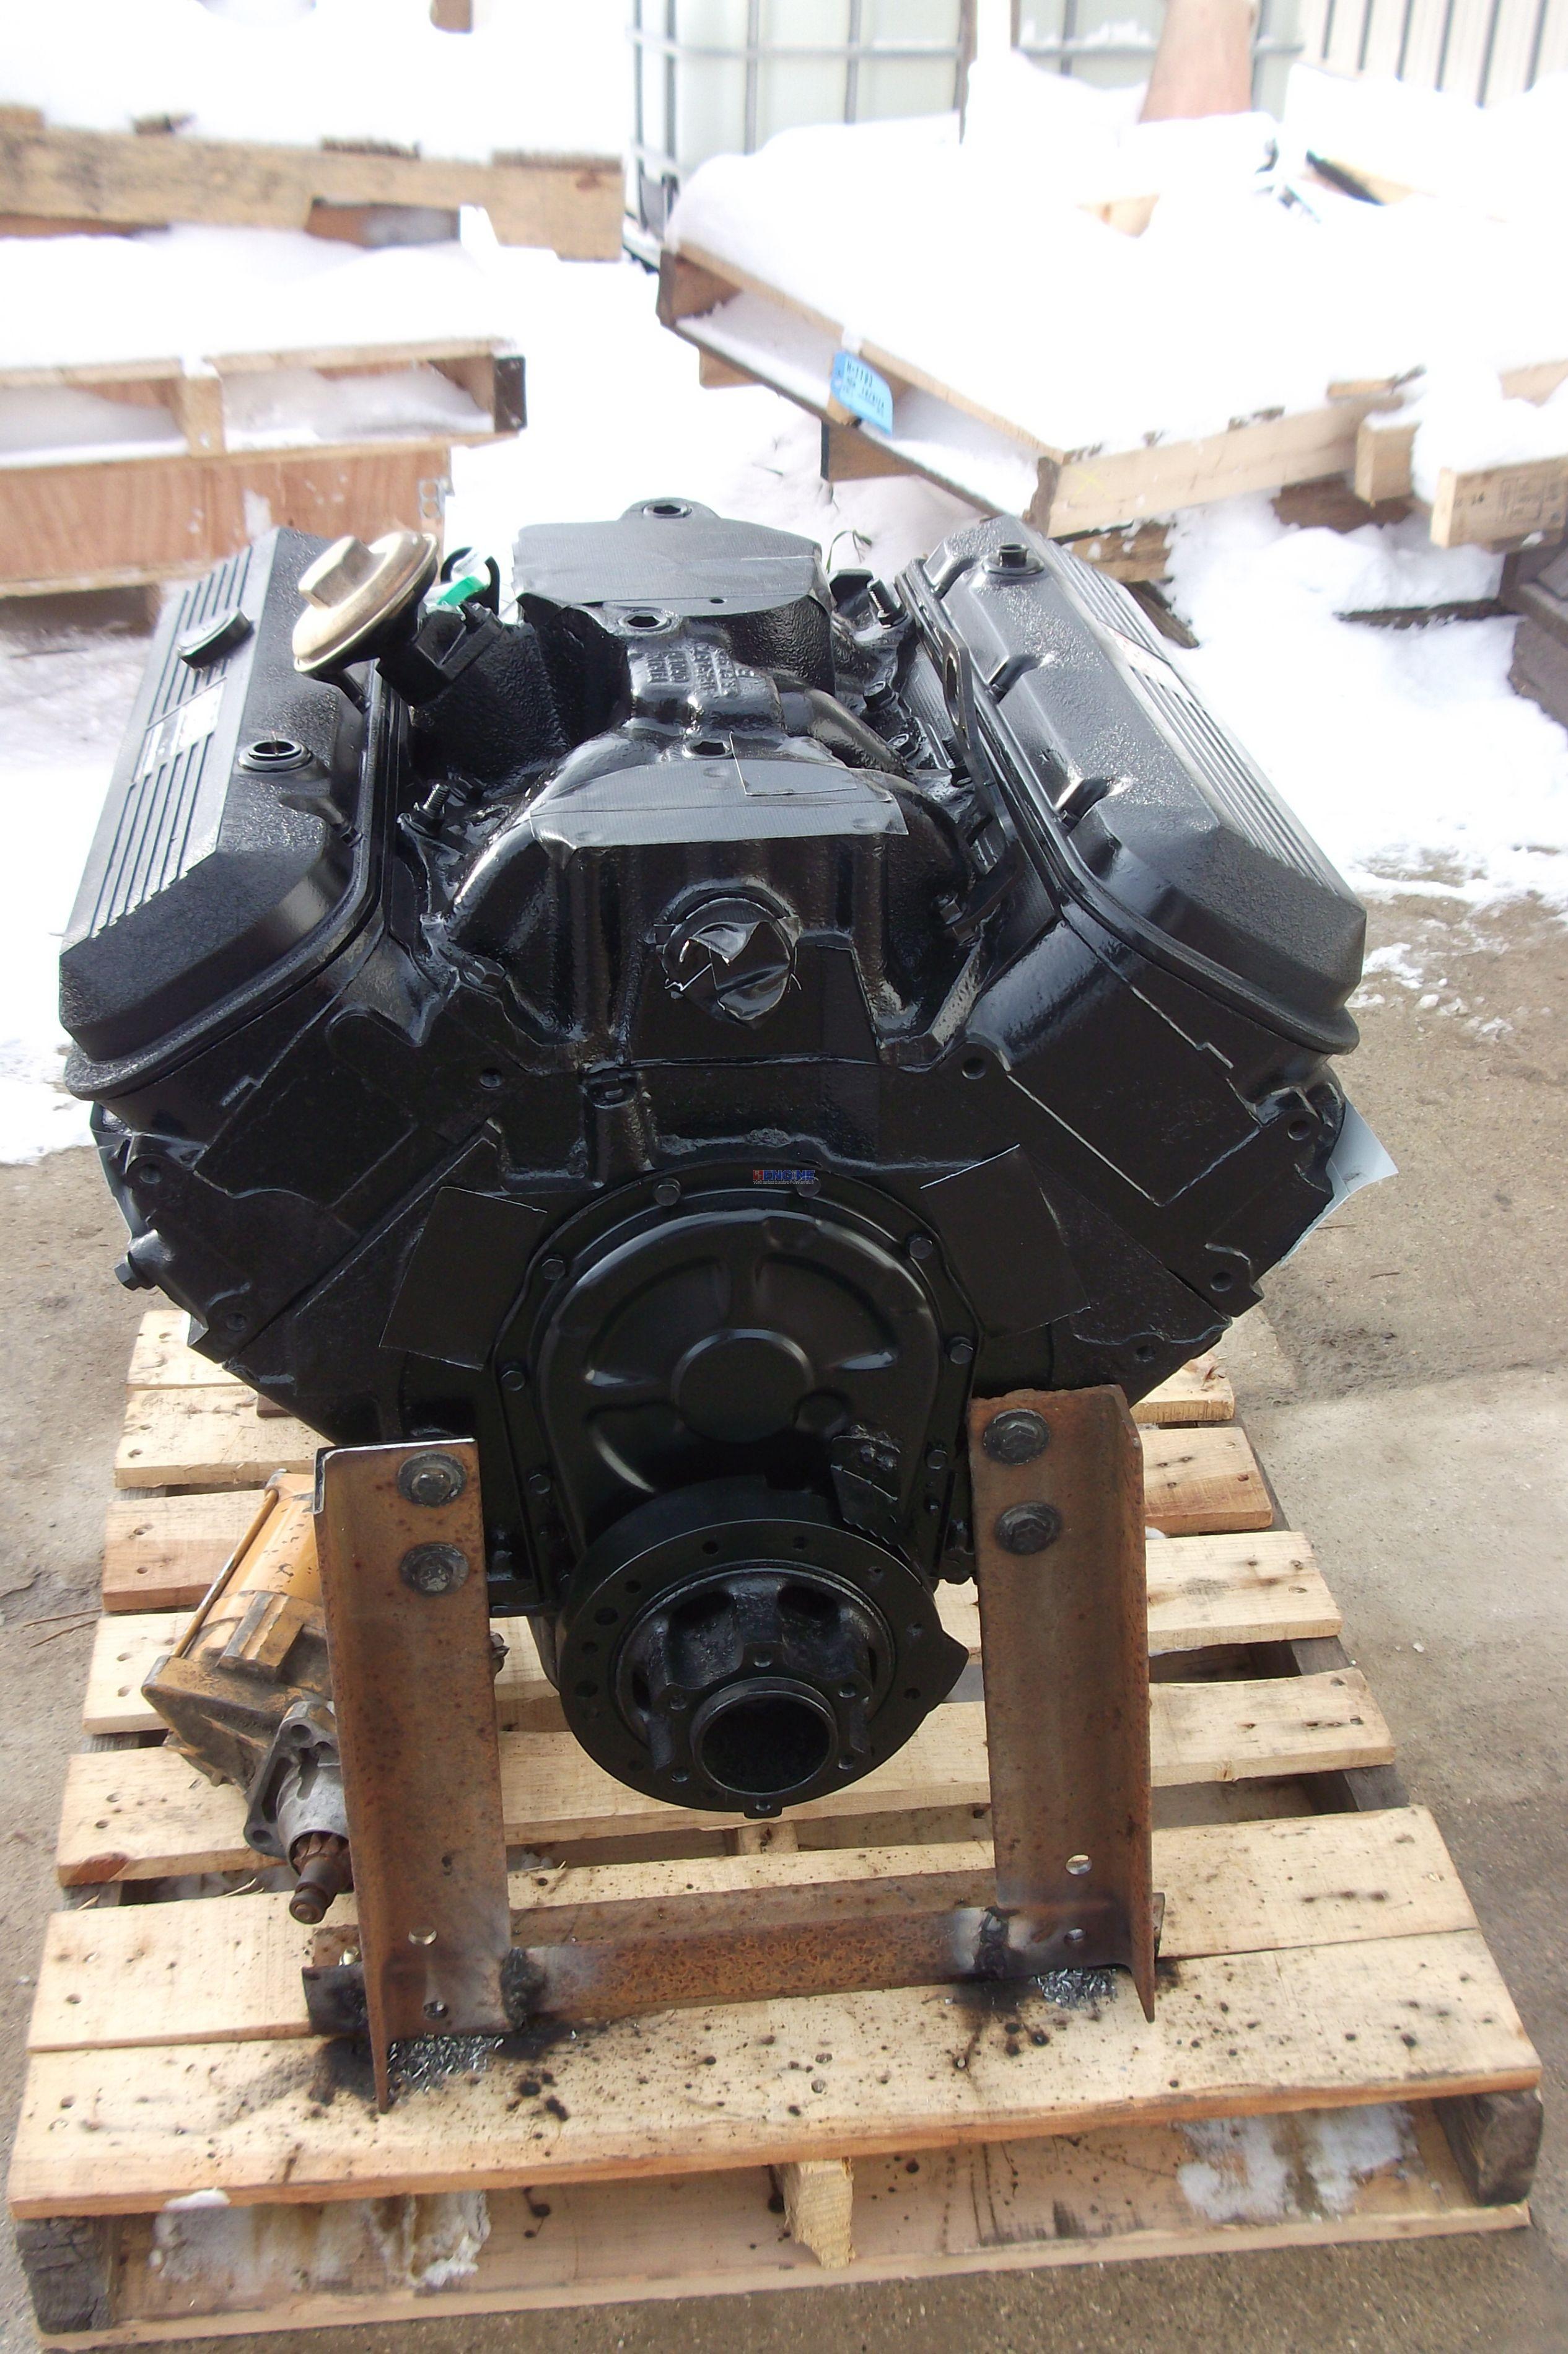 General Motors Gm 366 Big Block V 8 6 0 L Engine Long